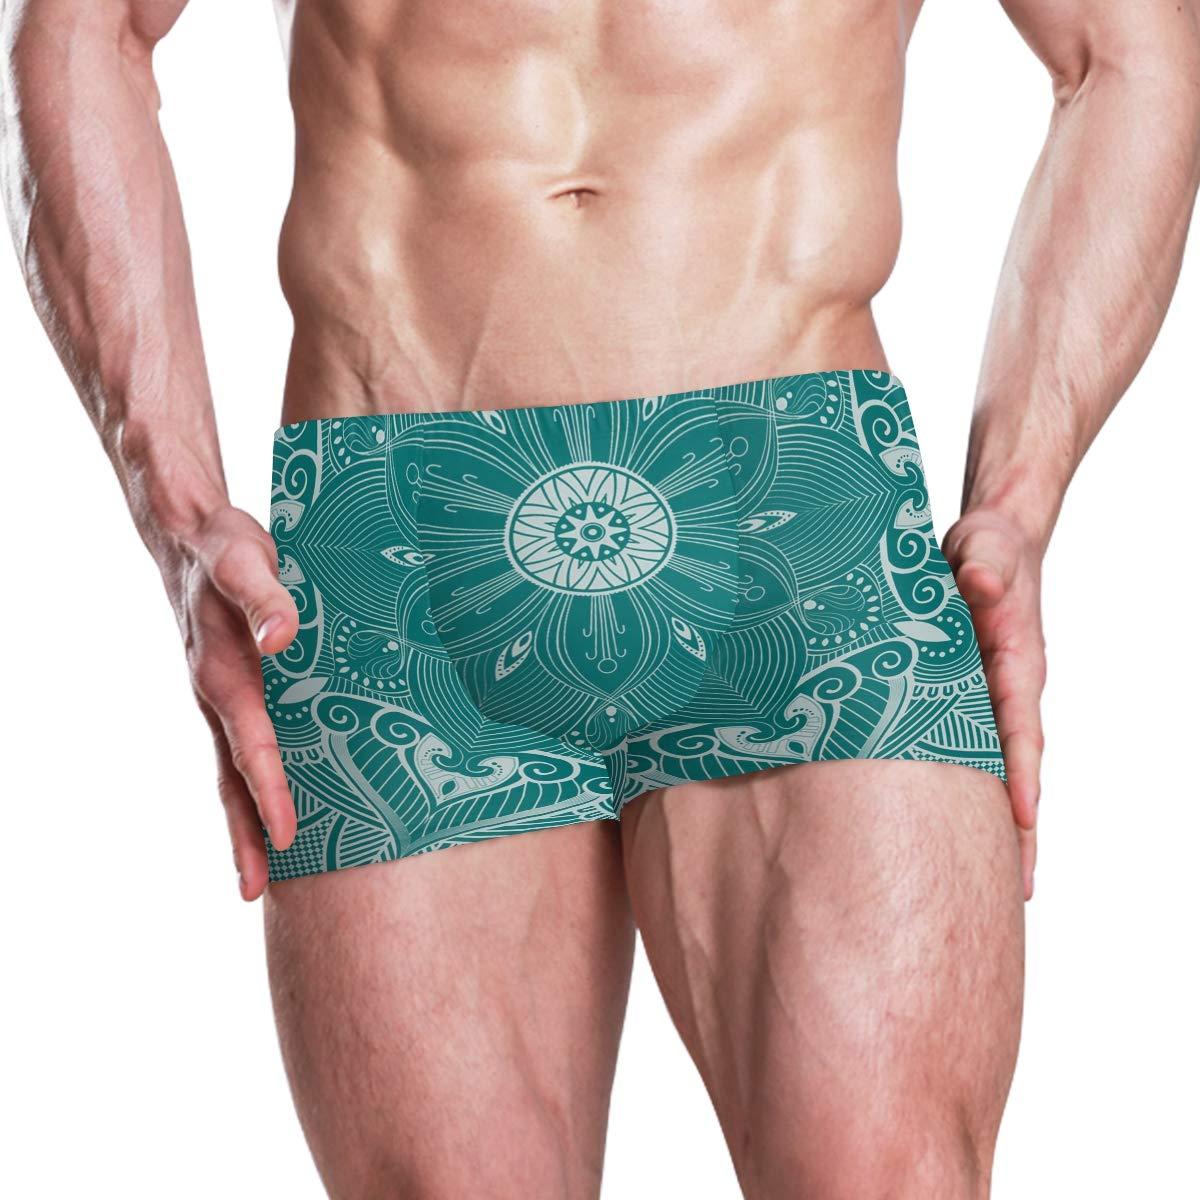 Huangwei Mandala Flower Indian Boho Mens Swimming Boxer Briefs Trunks Square Leg Swim Trunks Board Shorts